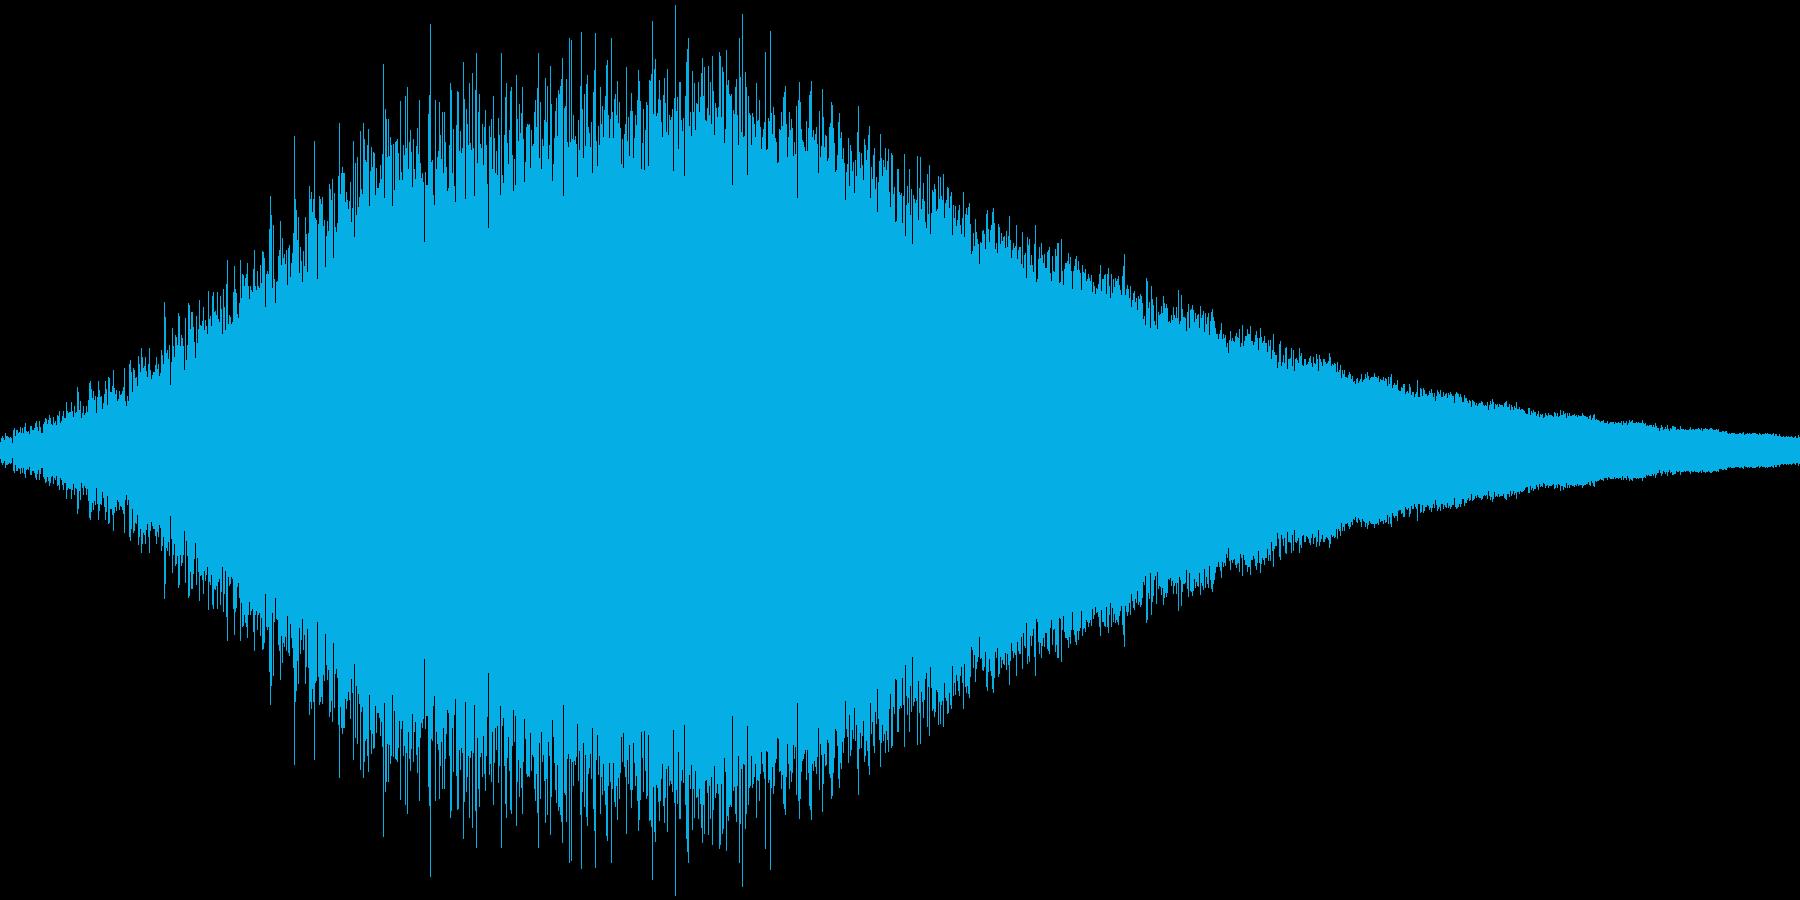 RPG:光魔法音「シュワーン」の再生済みの波形